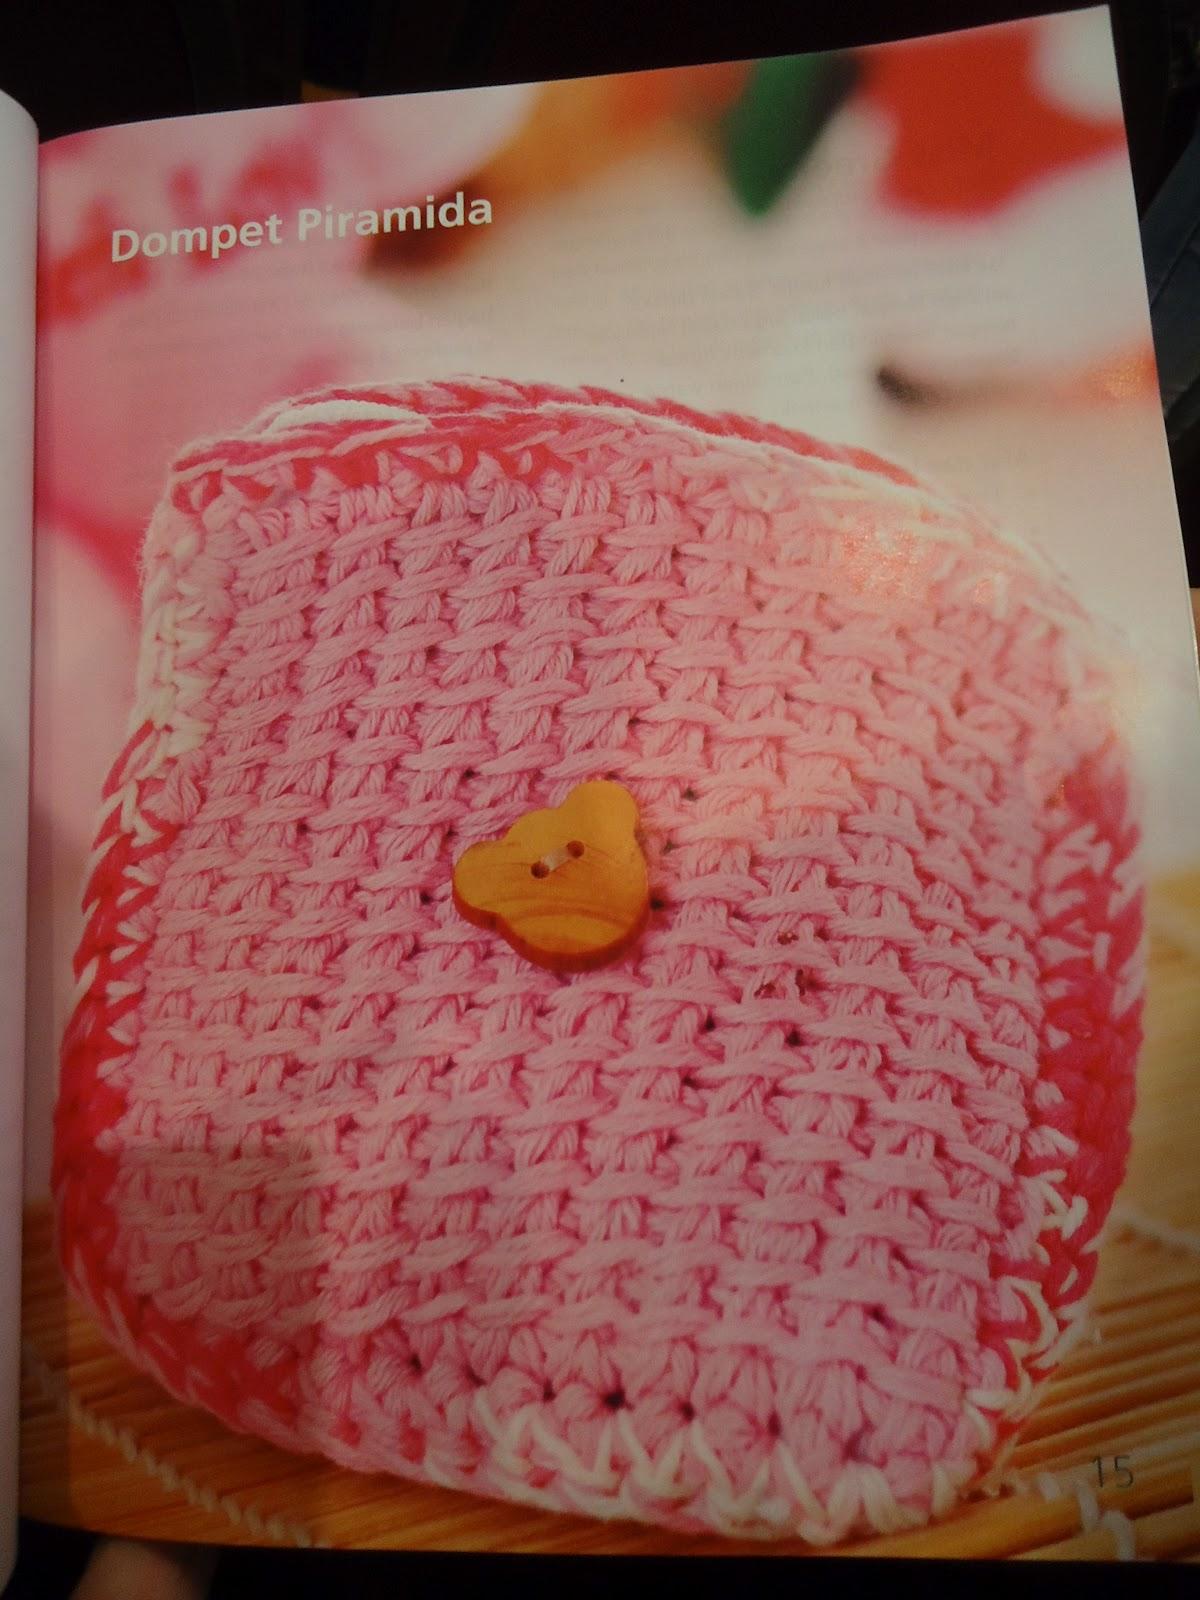 Sesi tanda tangan buku, semoga berkenan di hati ya bu bukunya ^.^